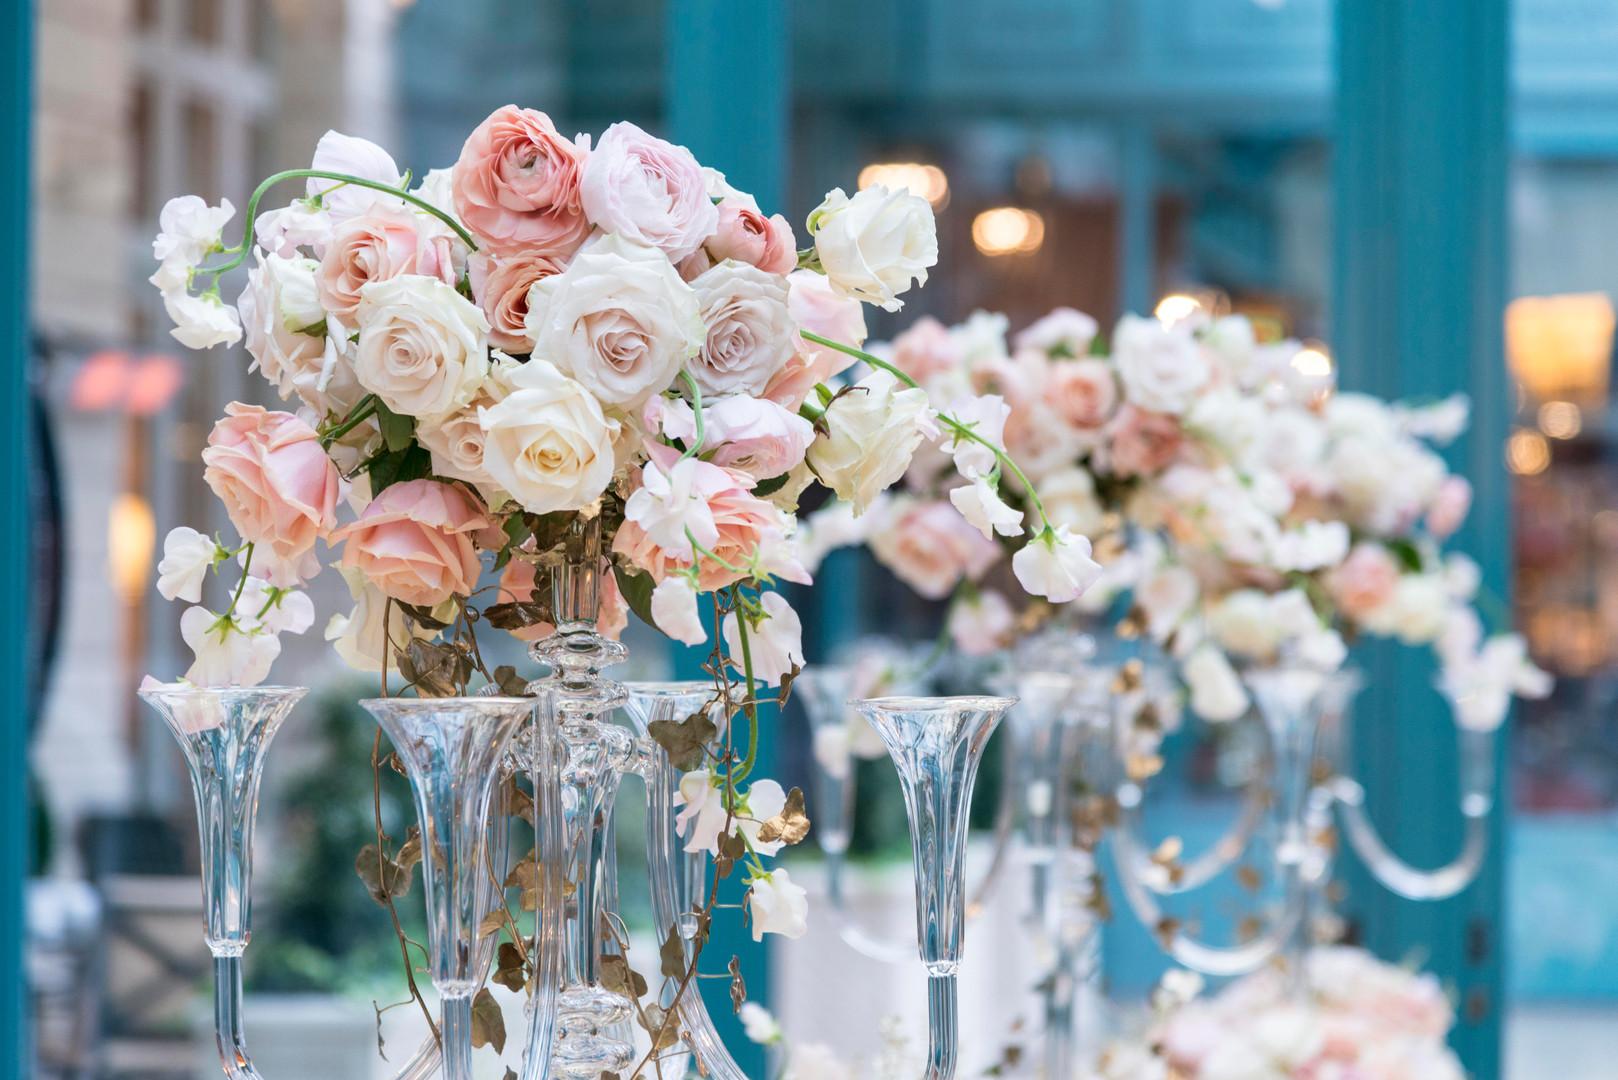 Anne-Vitchen-Createur-Floral-Mariages